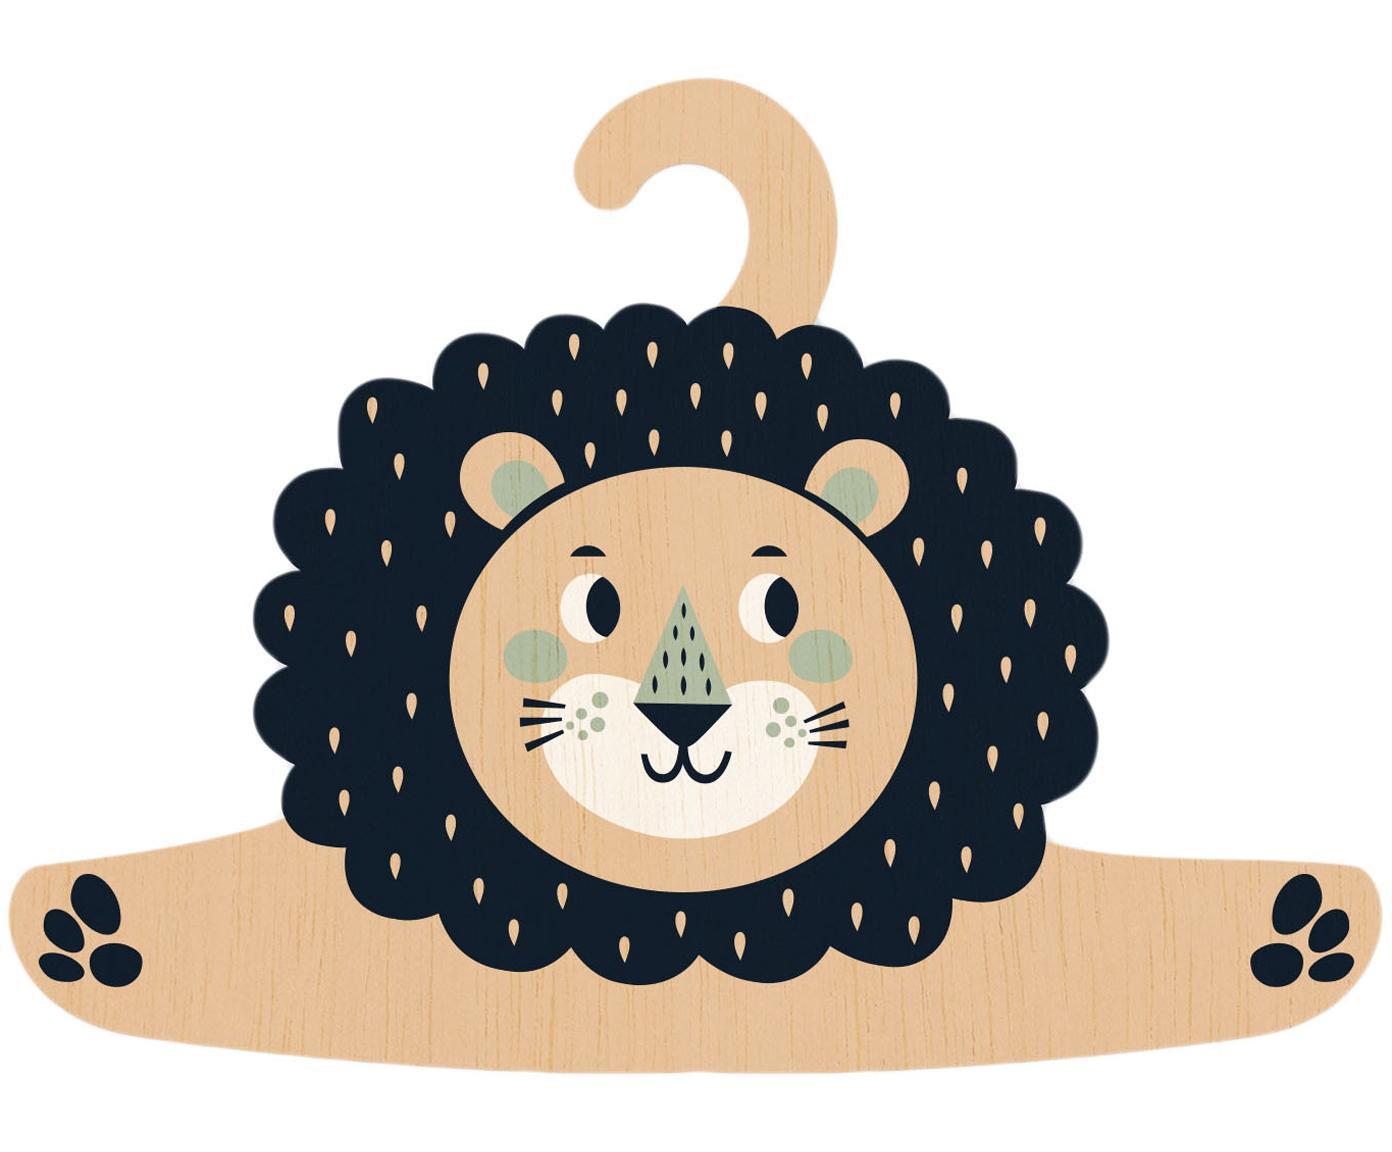 Kleiderbügel Lion, Sperrholz, beschichtet, Schwarz, Beige, Mintgrün, Creme, 30 x 30 cm